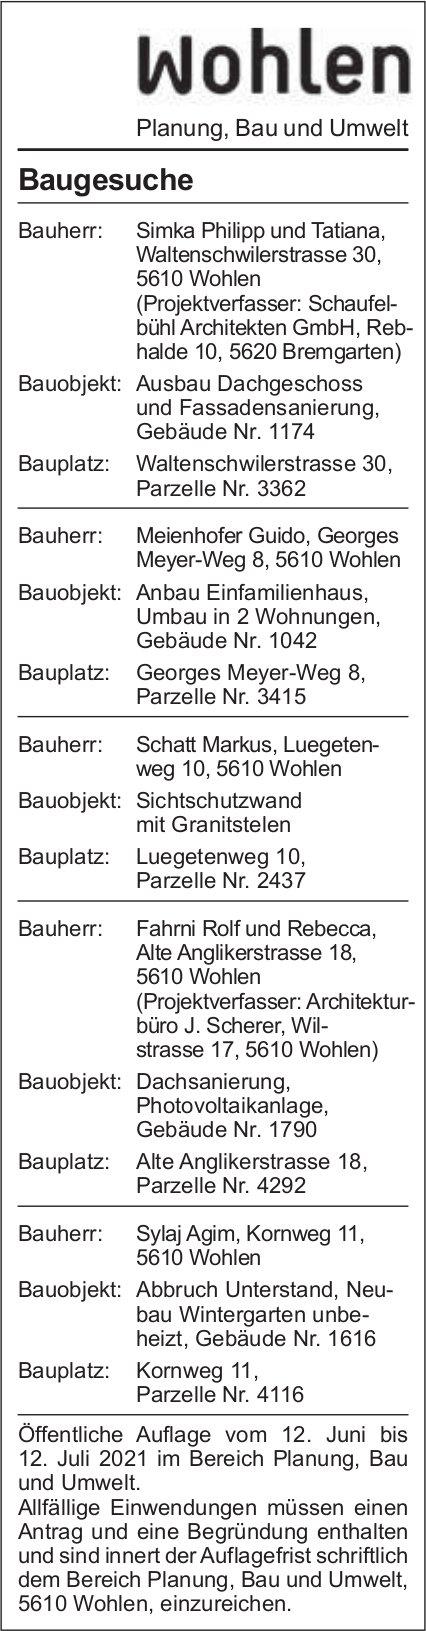 Baugesuche, Wohlen - bühl Architekten GmbH, Baugesuche